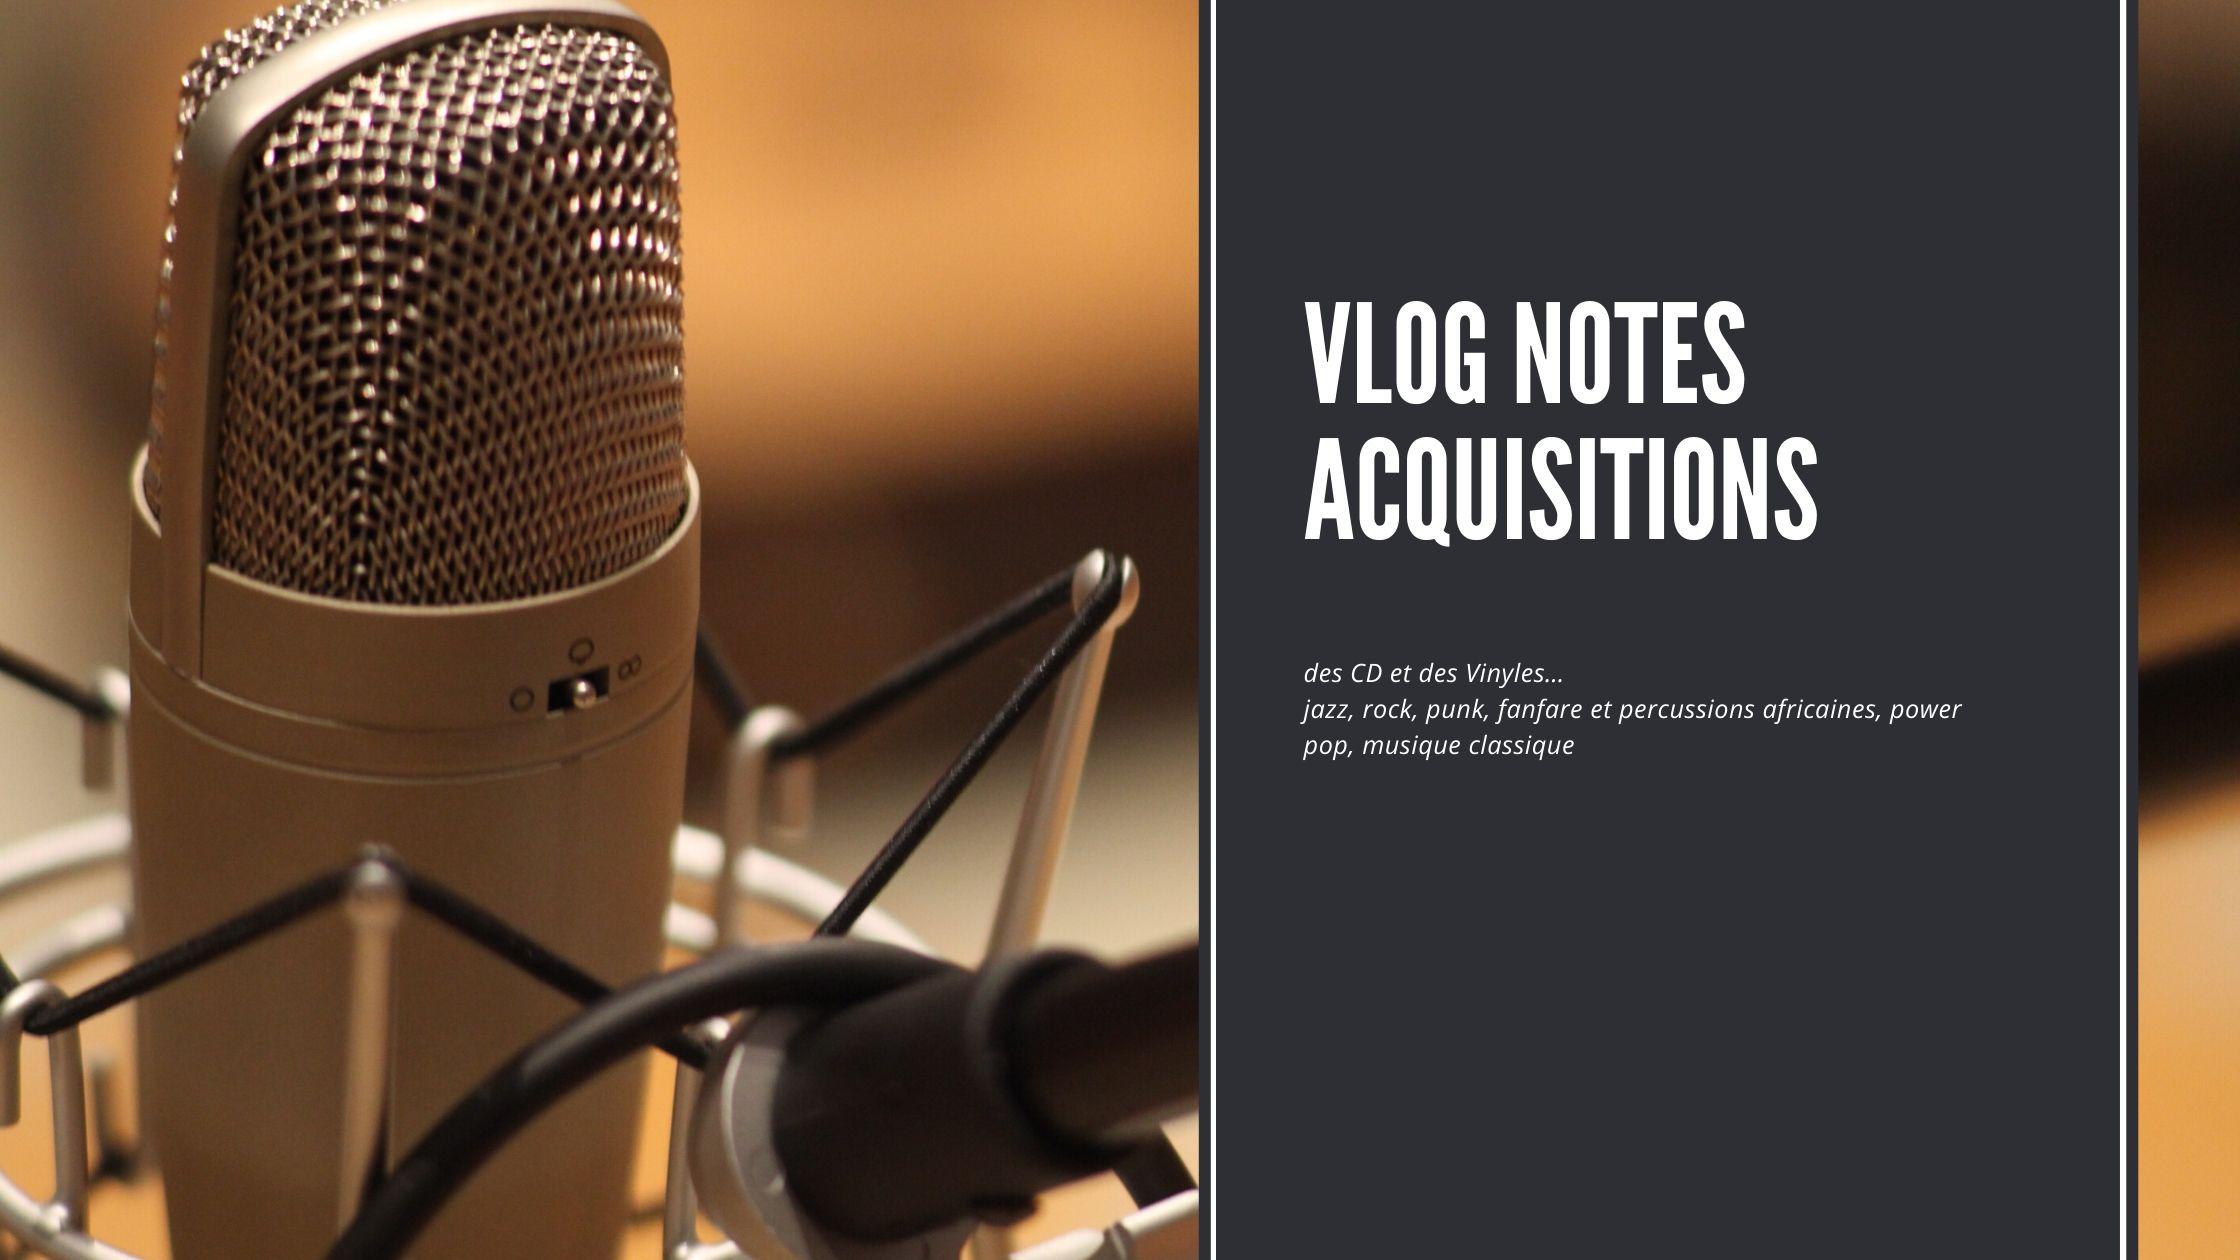 Un Vlog Notes acquisitions de CD et Vinyles